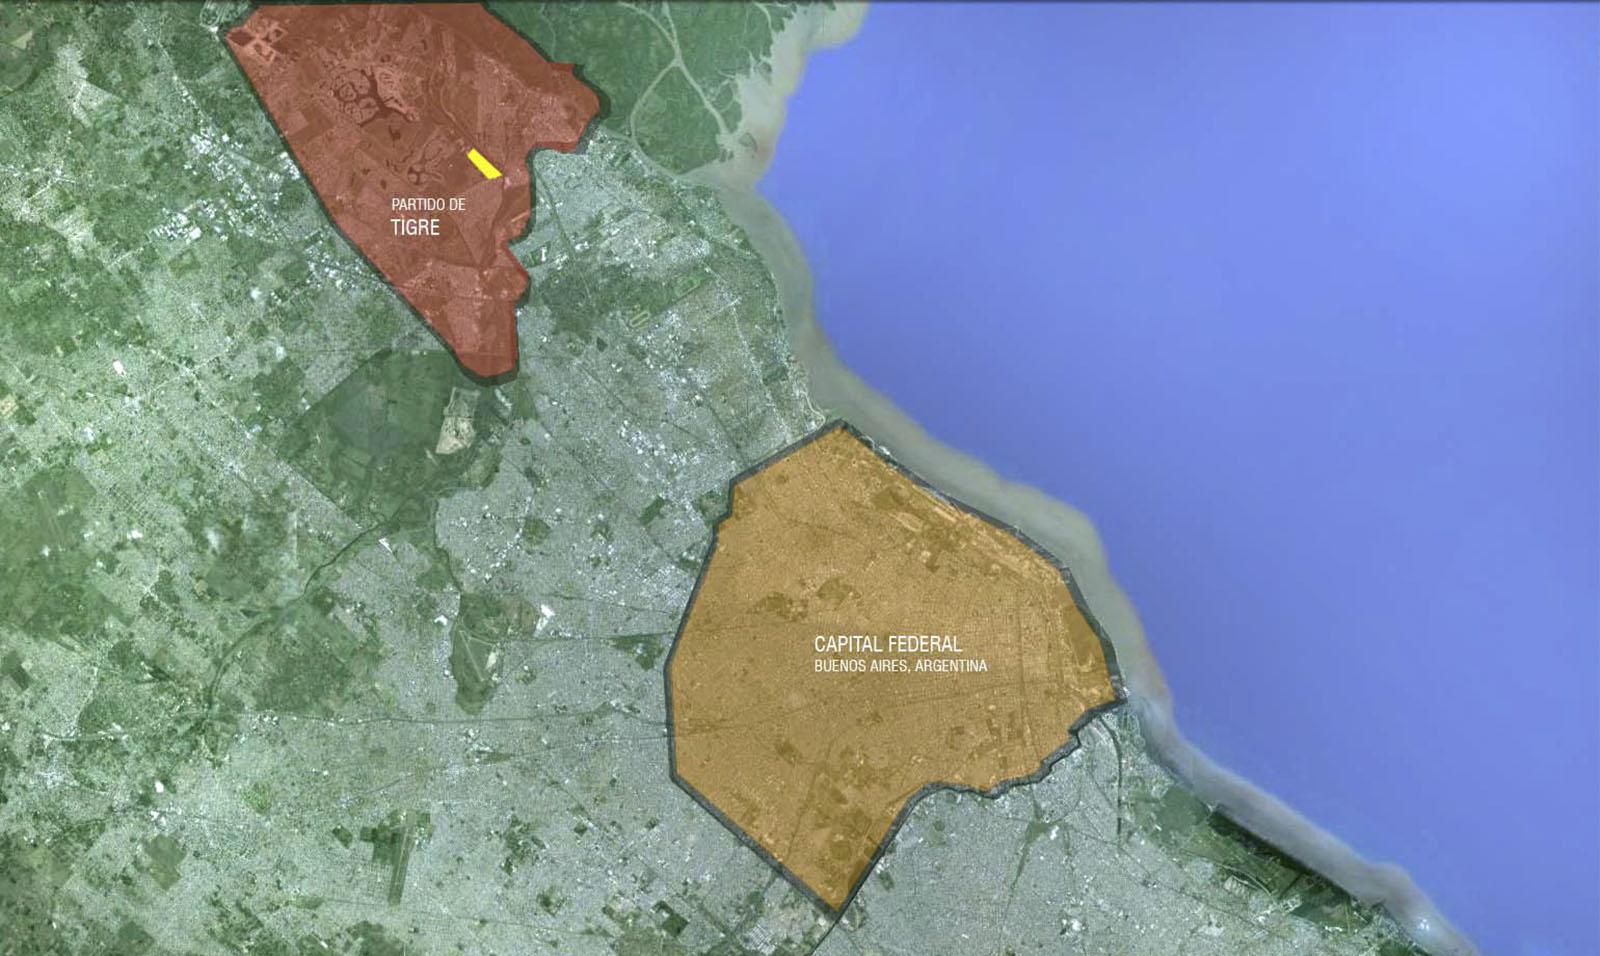 Plano de implantación de fabrica en Parque industrial tigre, Buenos Aires